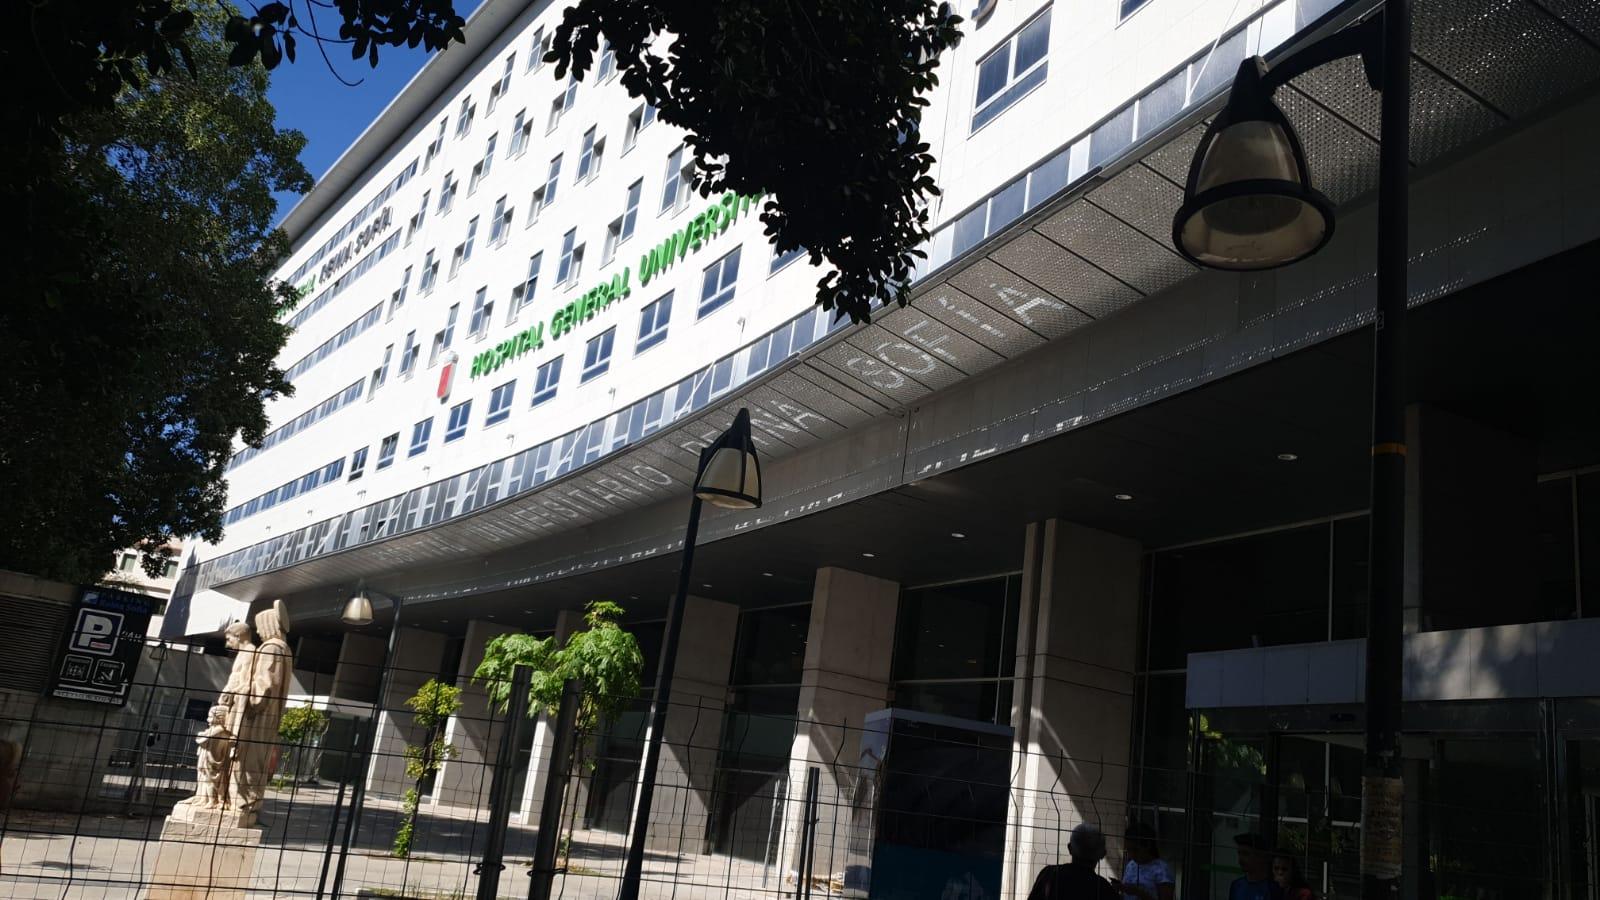 Fachada del hospital Reina Sofía de Murcia, para el cual Ingenioo Studio ha realizado un recálculo de marquesina.